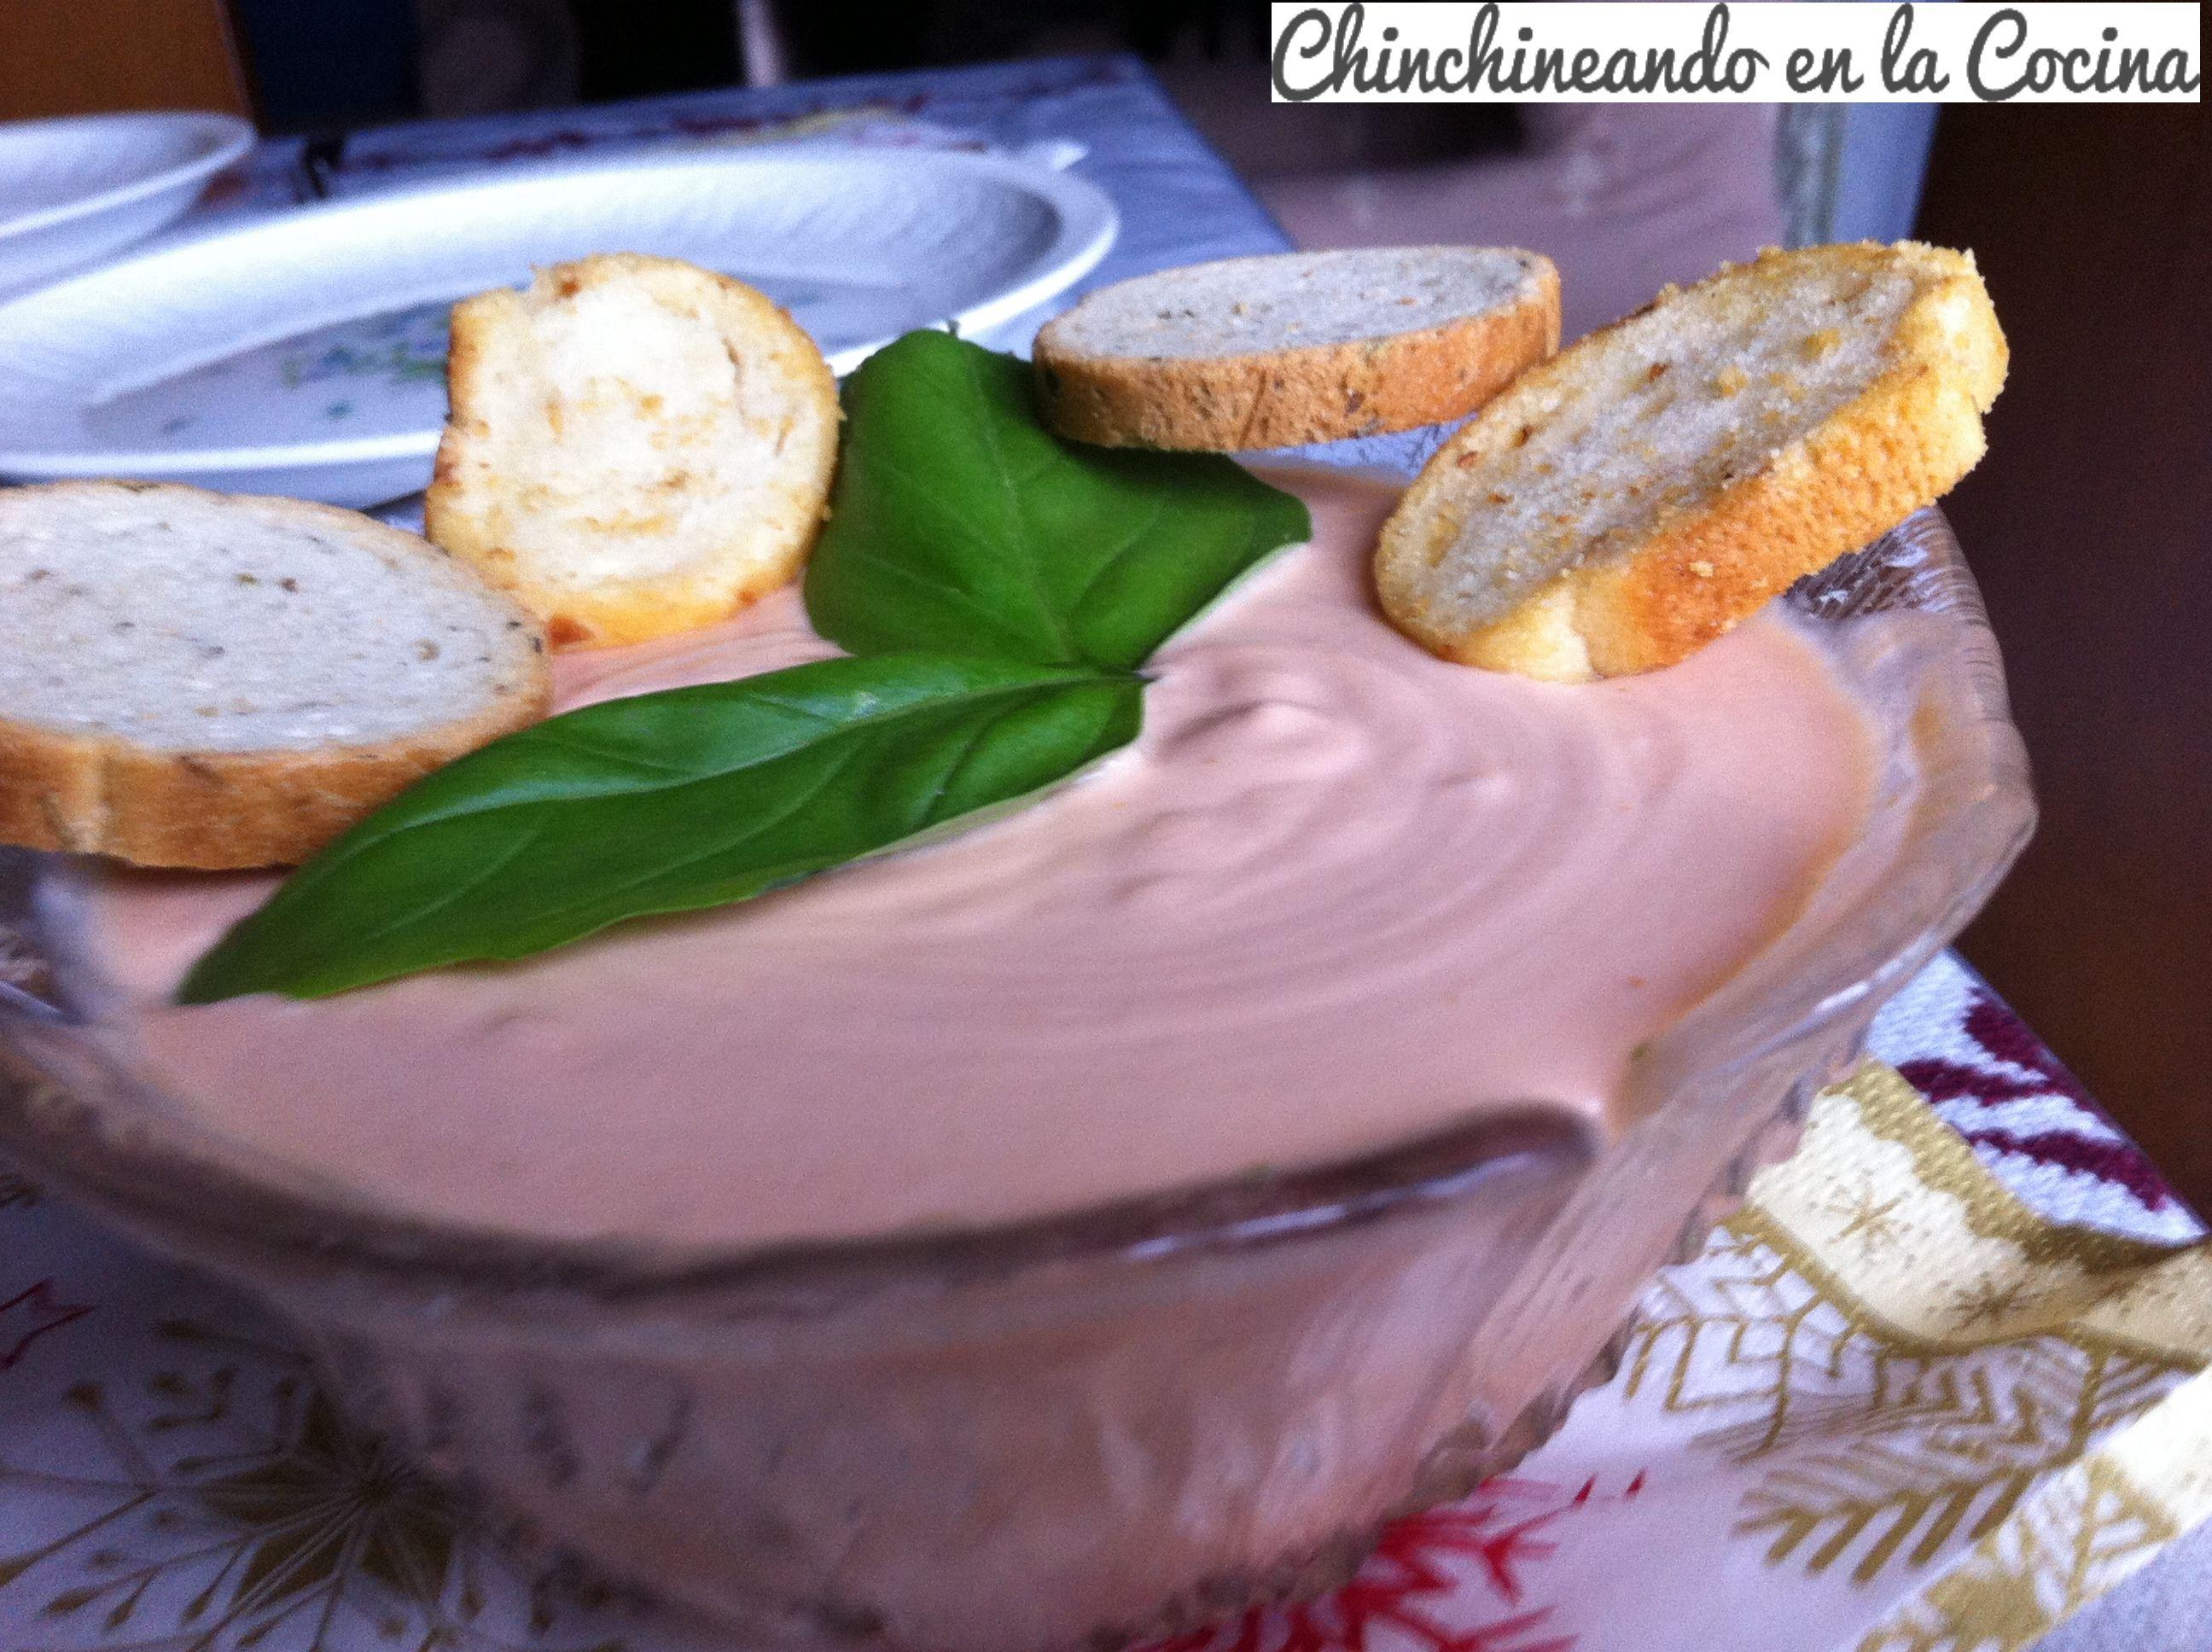 Delicioso paté casero de tomate y albahaca ummmmmmm!!!!!!!!!!!!